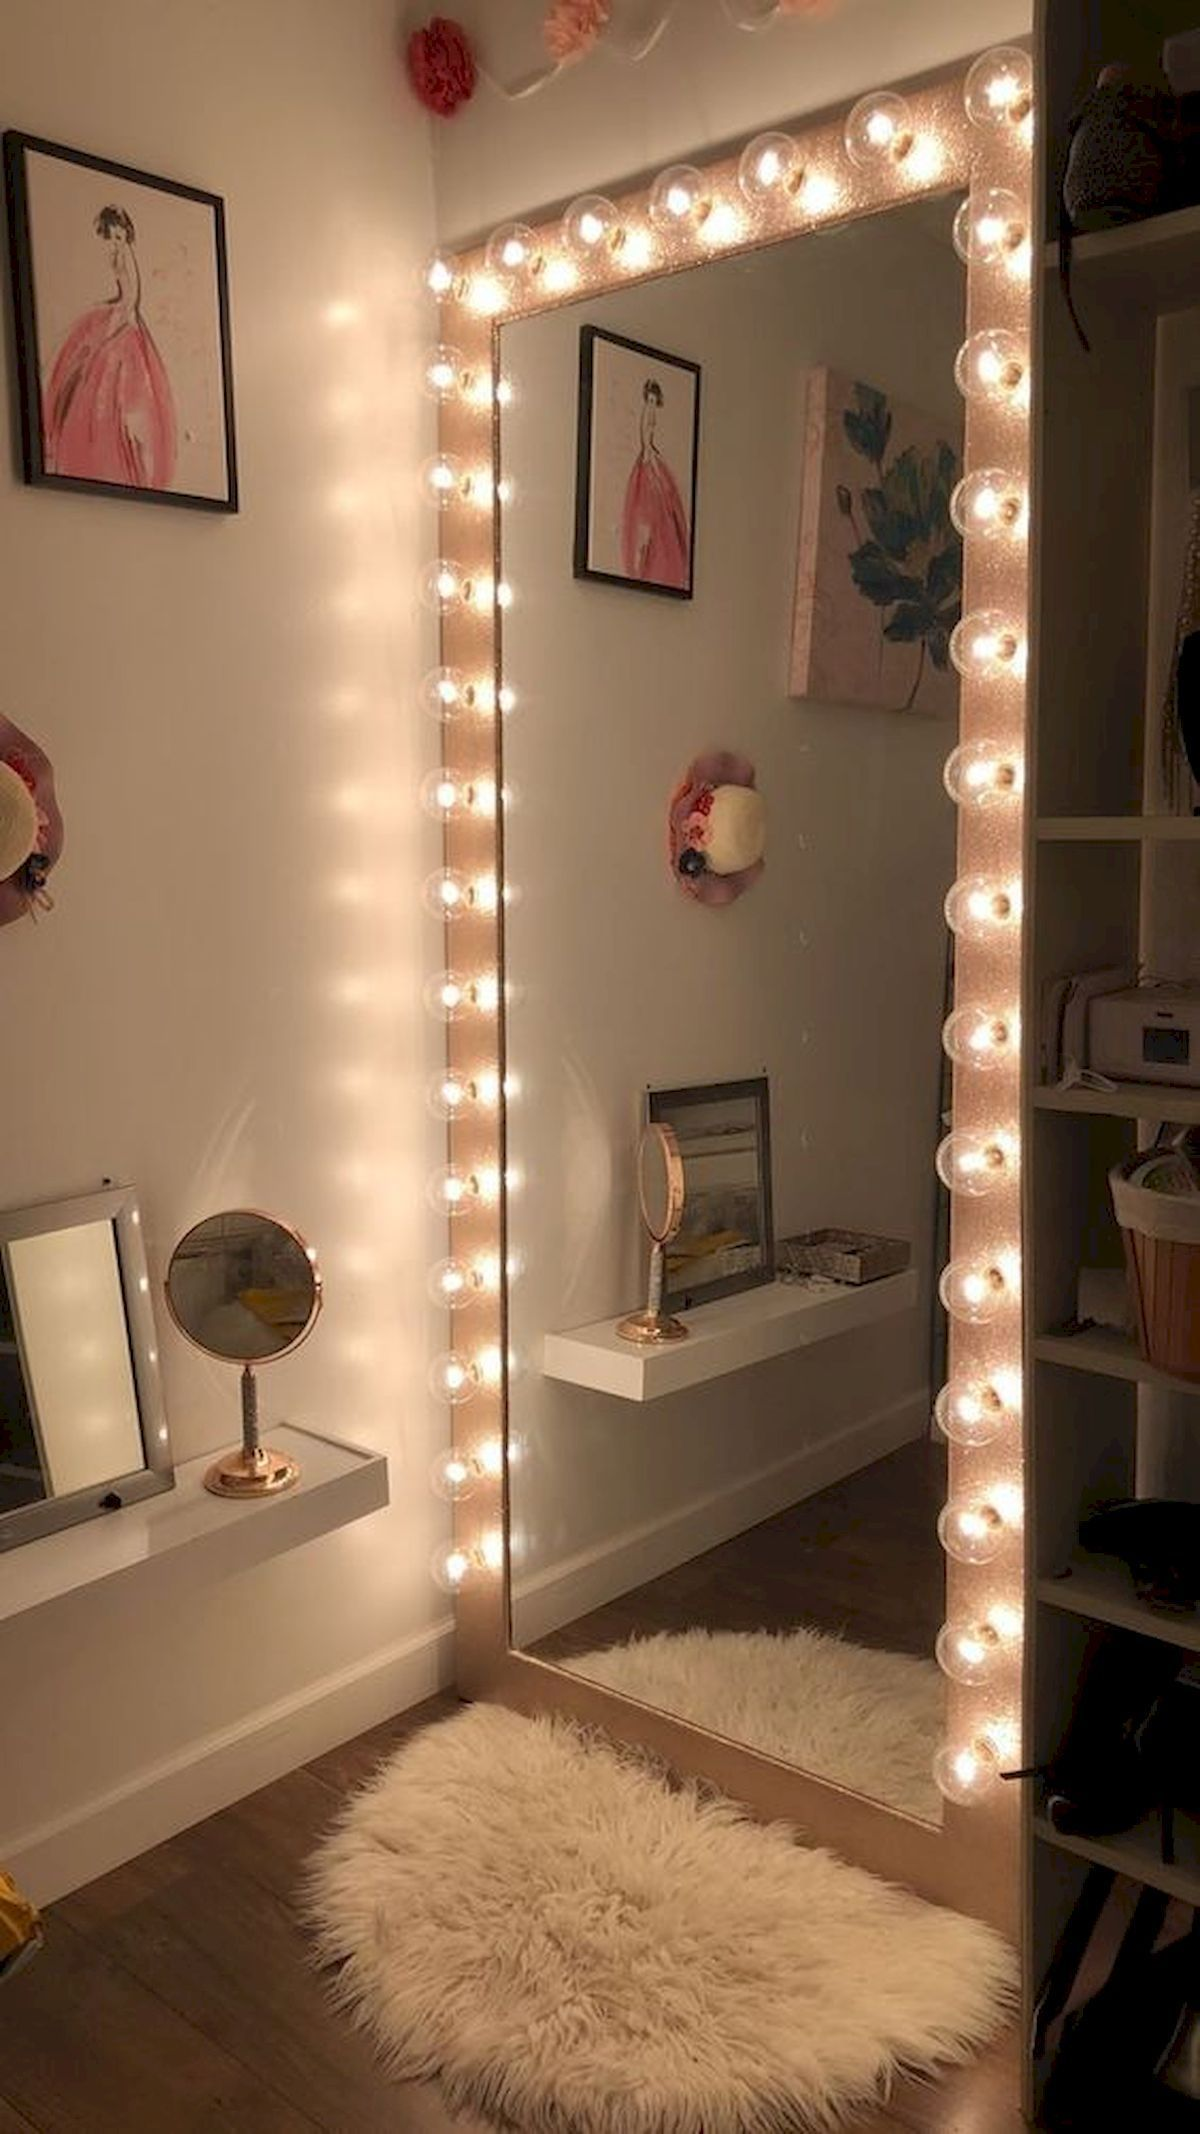 60 Lovely Makeup Rooms Decor Ideas And Remodel - Jeder von uns hat unterschiedliche Bedürfnisse und